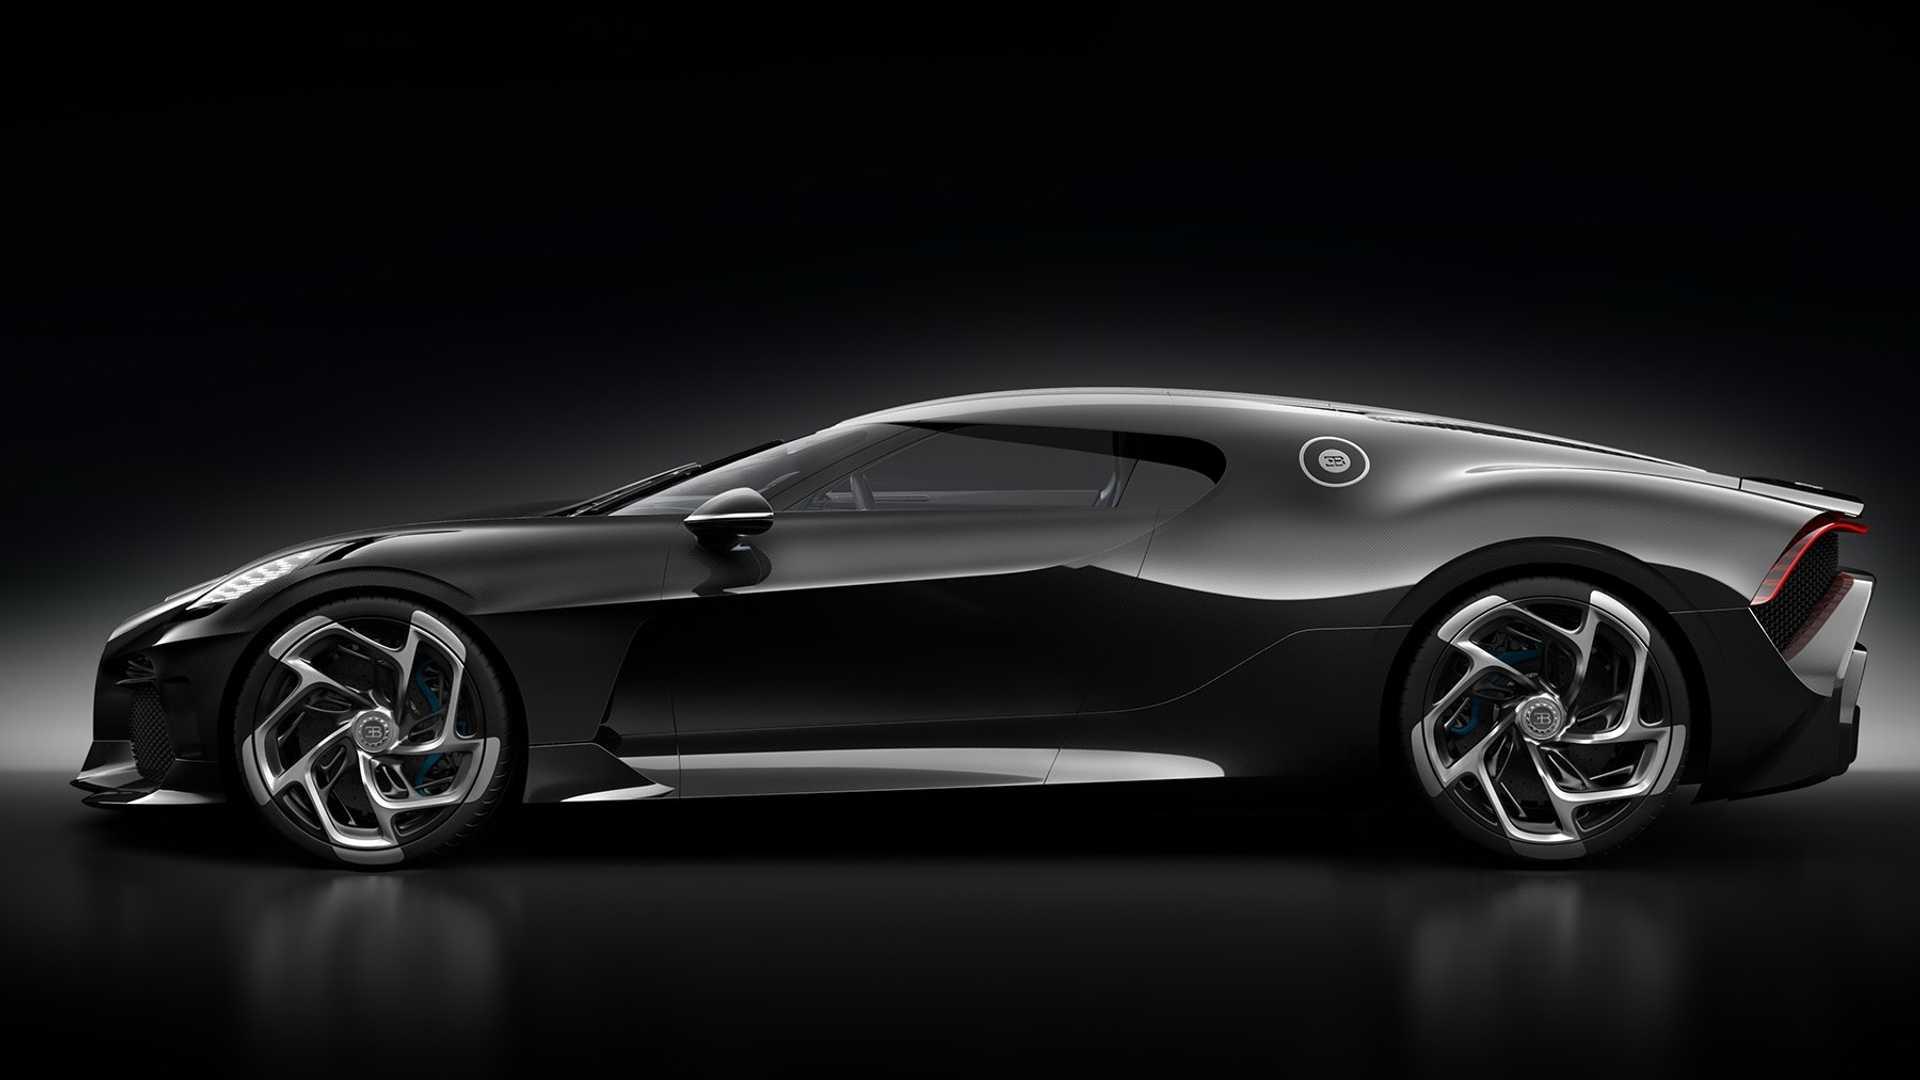 Живые фото самого дорогого авто в мире от Bugatti